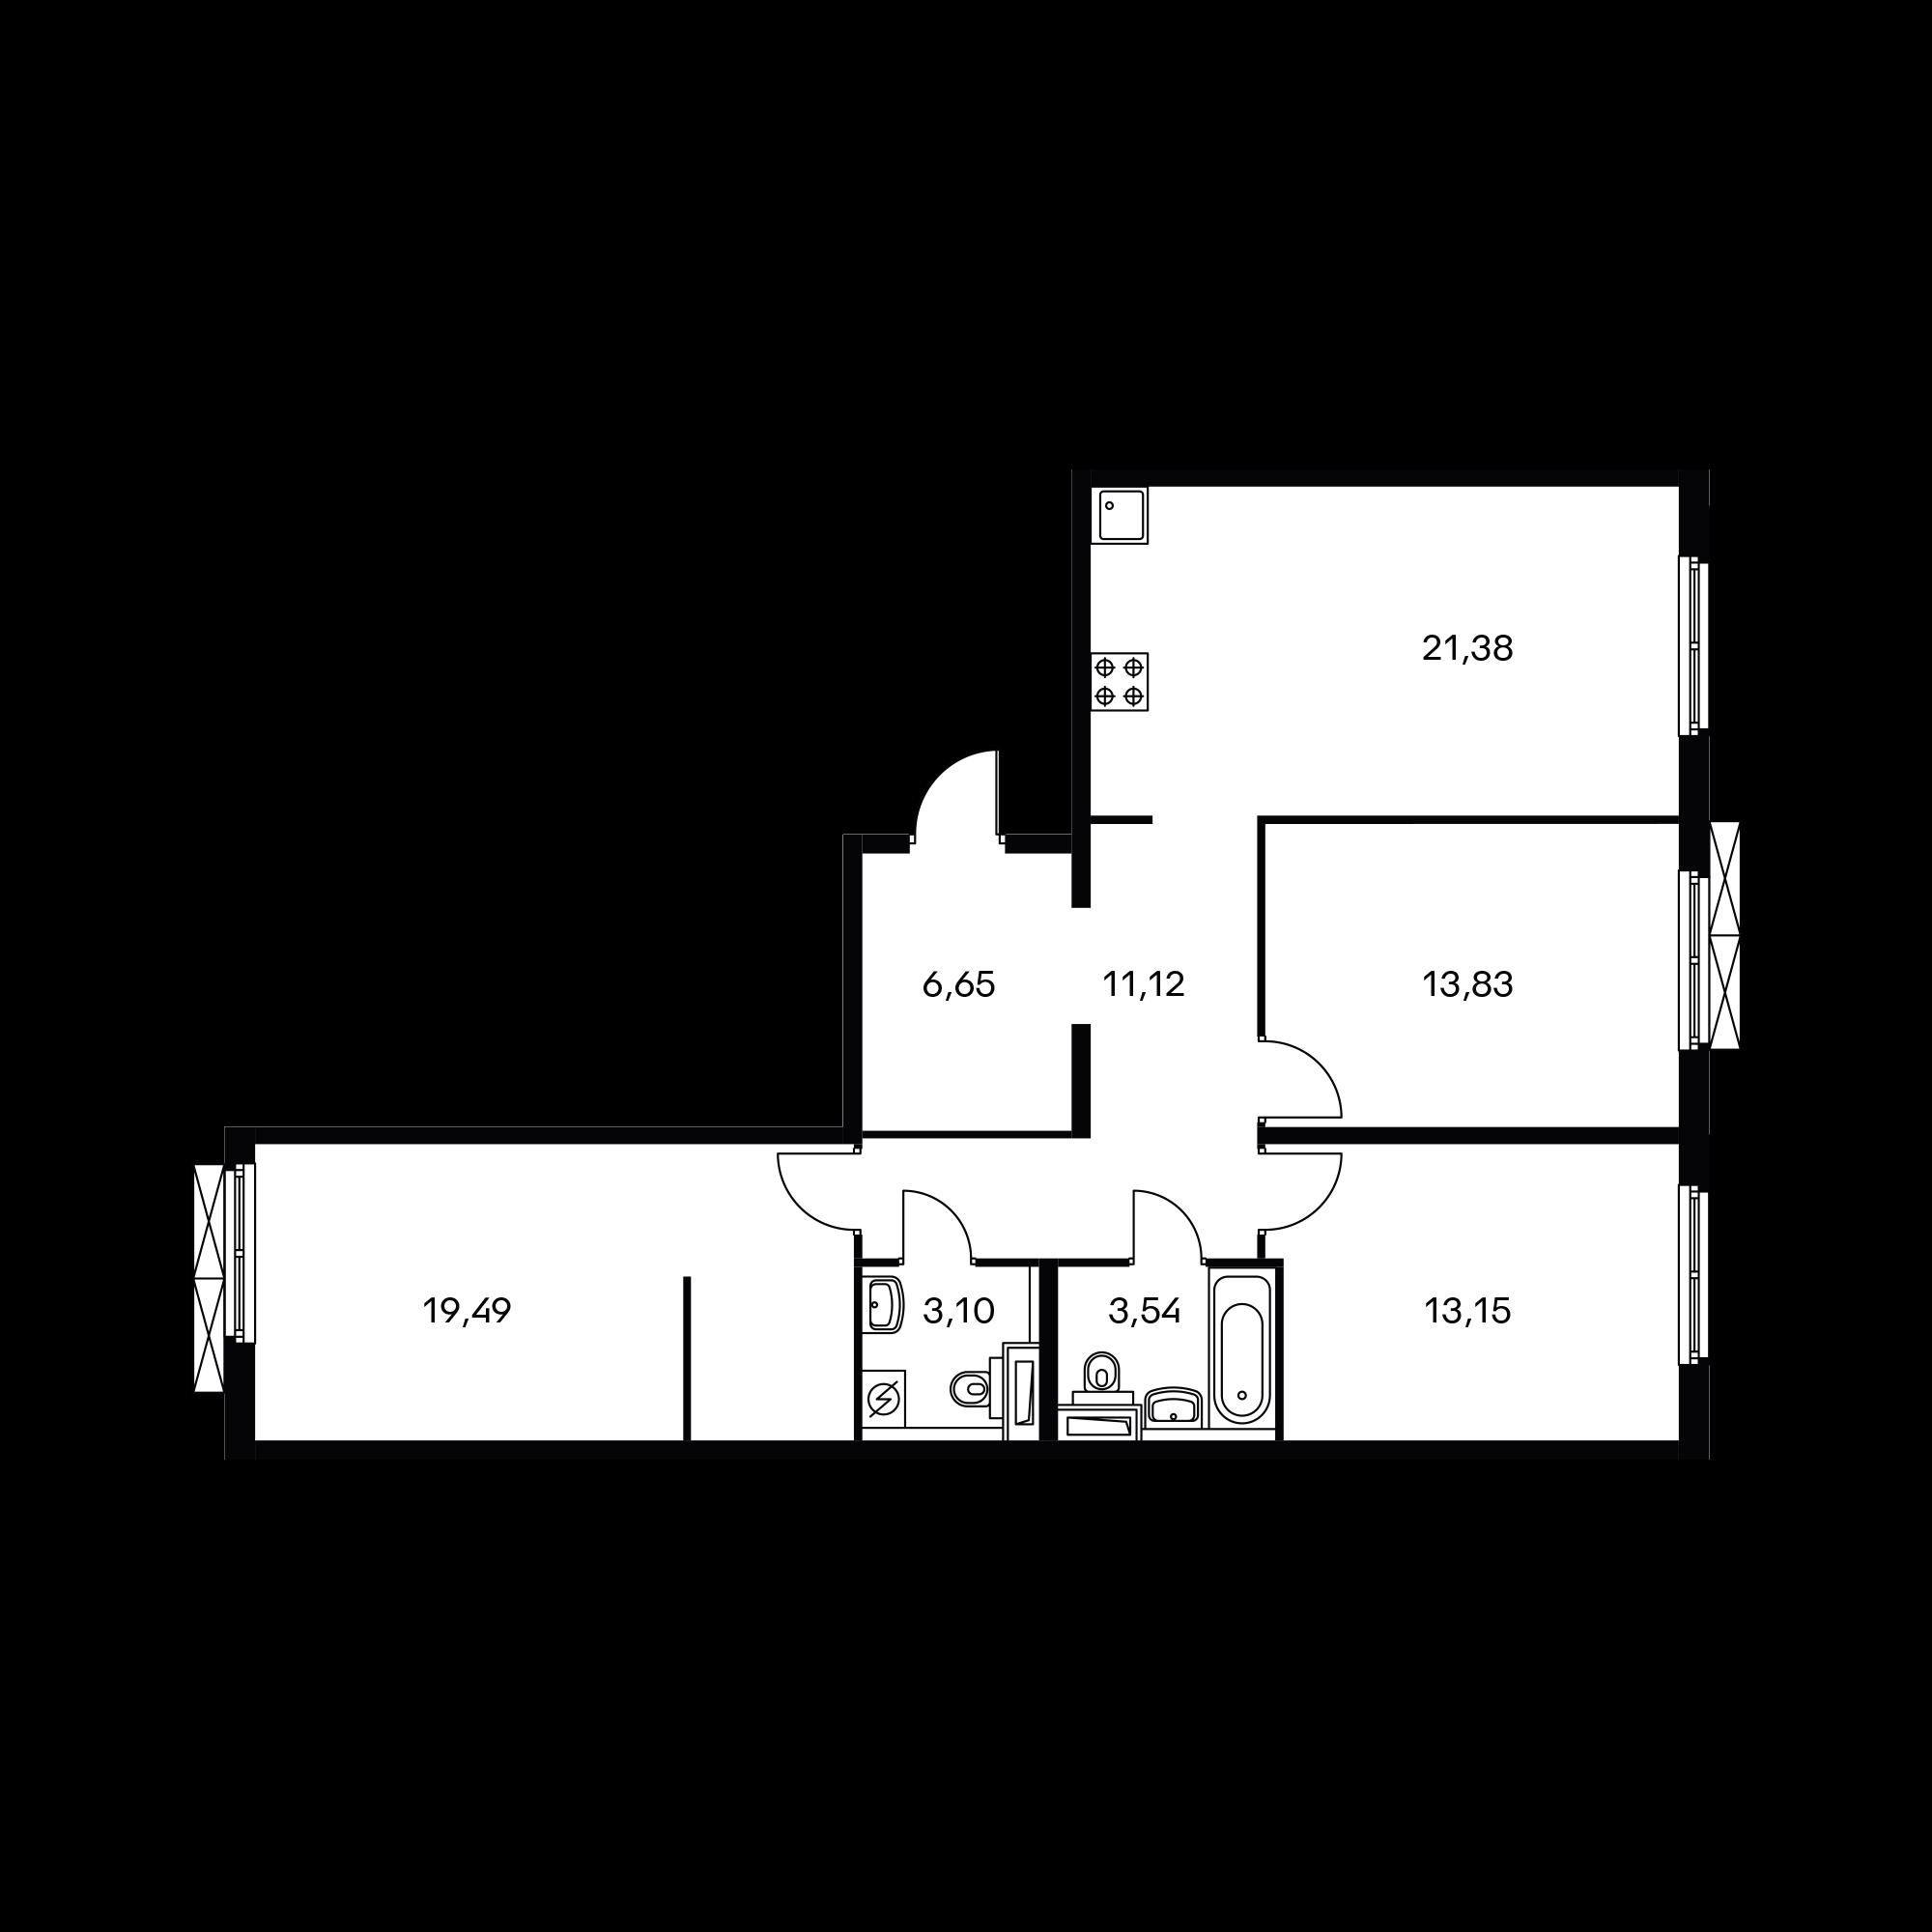 3EL3_10.2-1_S_Z1